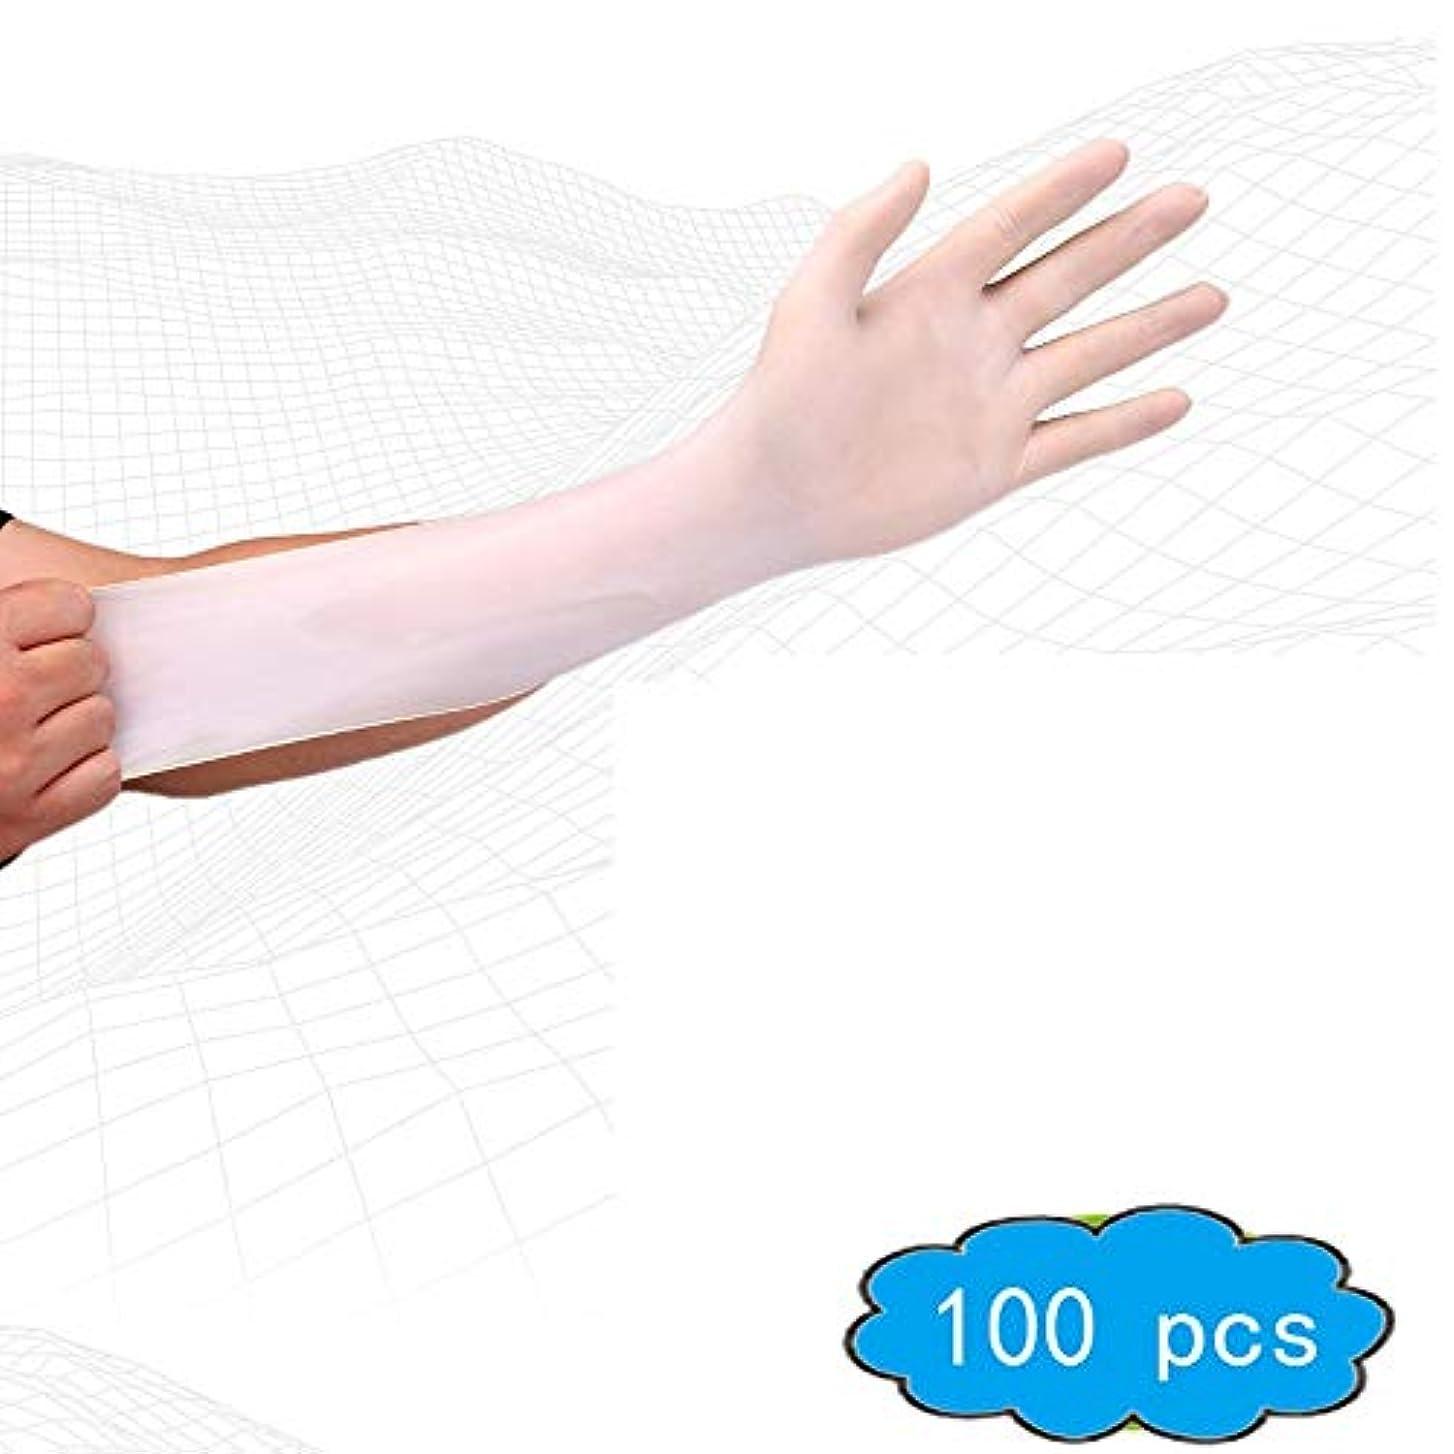 暗殺者まだディスパッチ使い捨てラテックス手袋、パウダーなし/ポックマーク/左手および右手、100箱、厚手、食品グレード、実験室、電子機器、ケータリング、高弾性手袋 (Color : Beige, Size : XS)